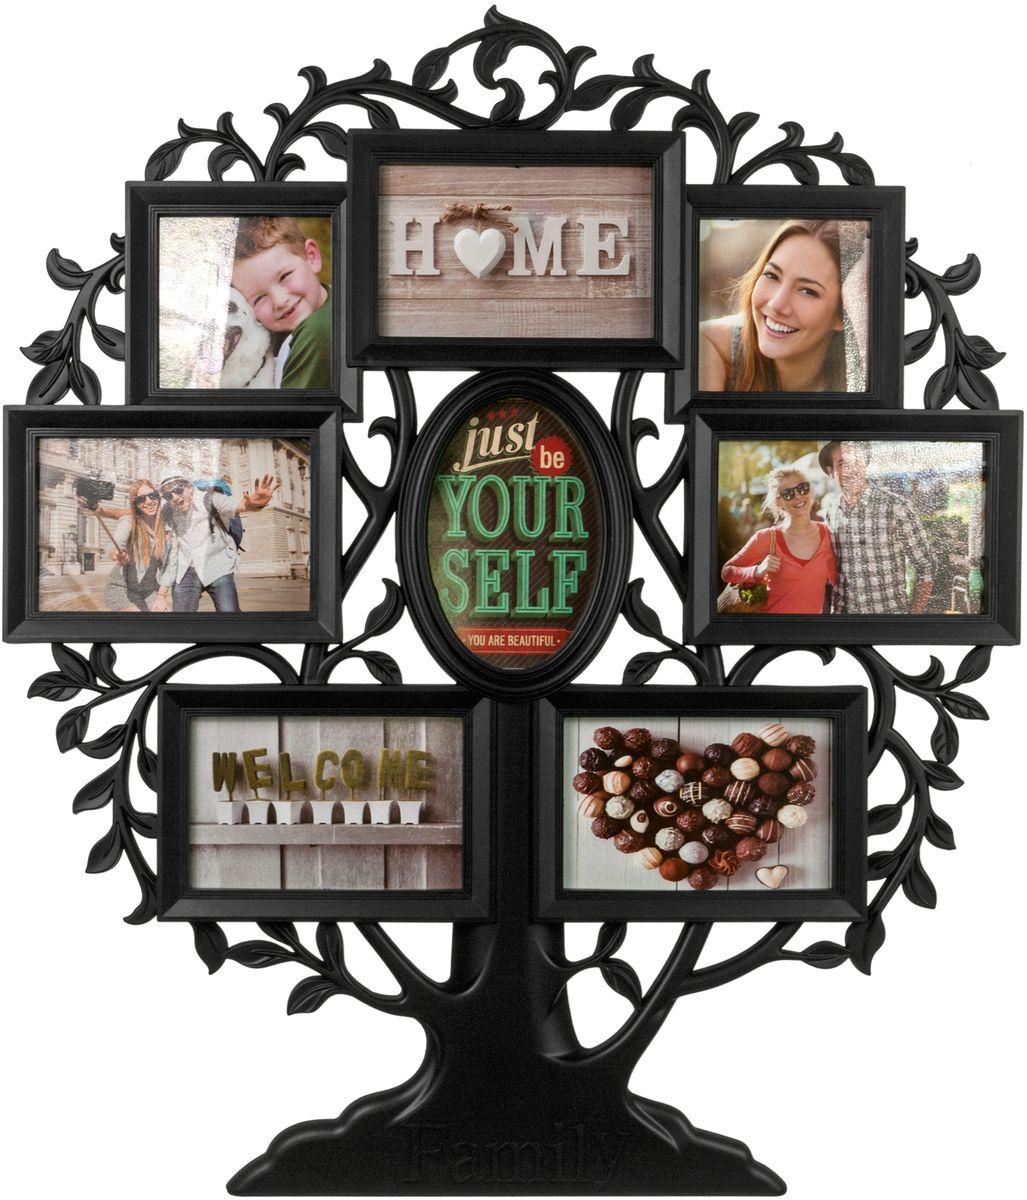 Фоторамка Platinum Родословное дерево. Family, цвет: черный, на 8 фото. BIN-1124063-B фоторамка platinum цвет мультиколор на 9 фото 10 х 15 см bin 1122651